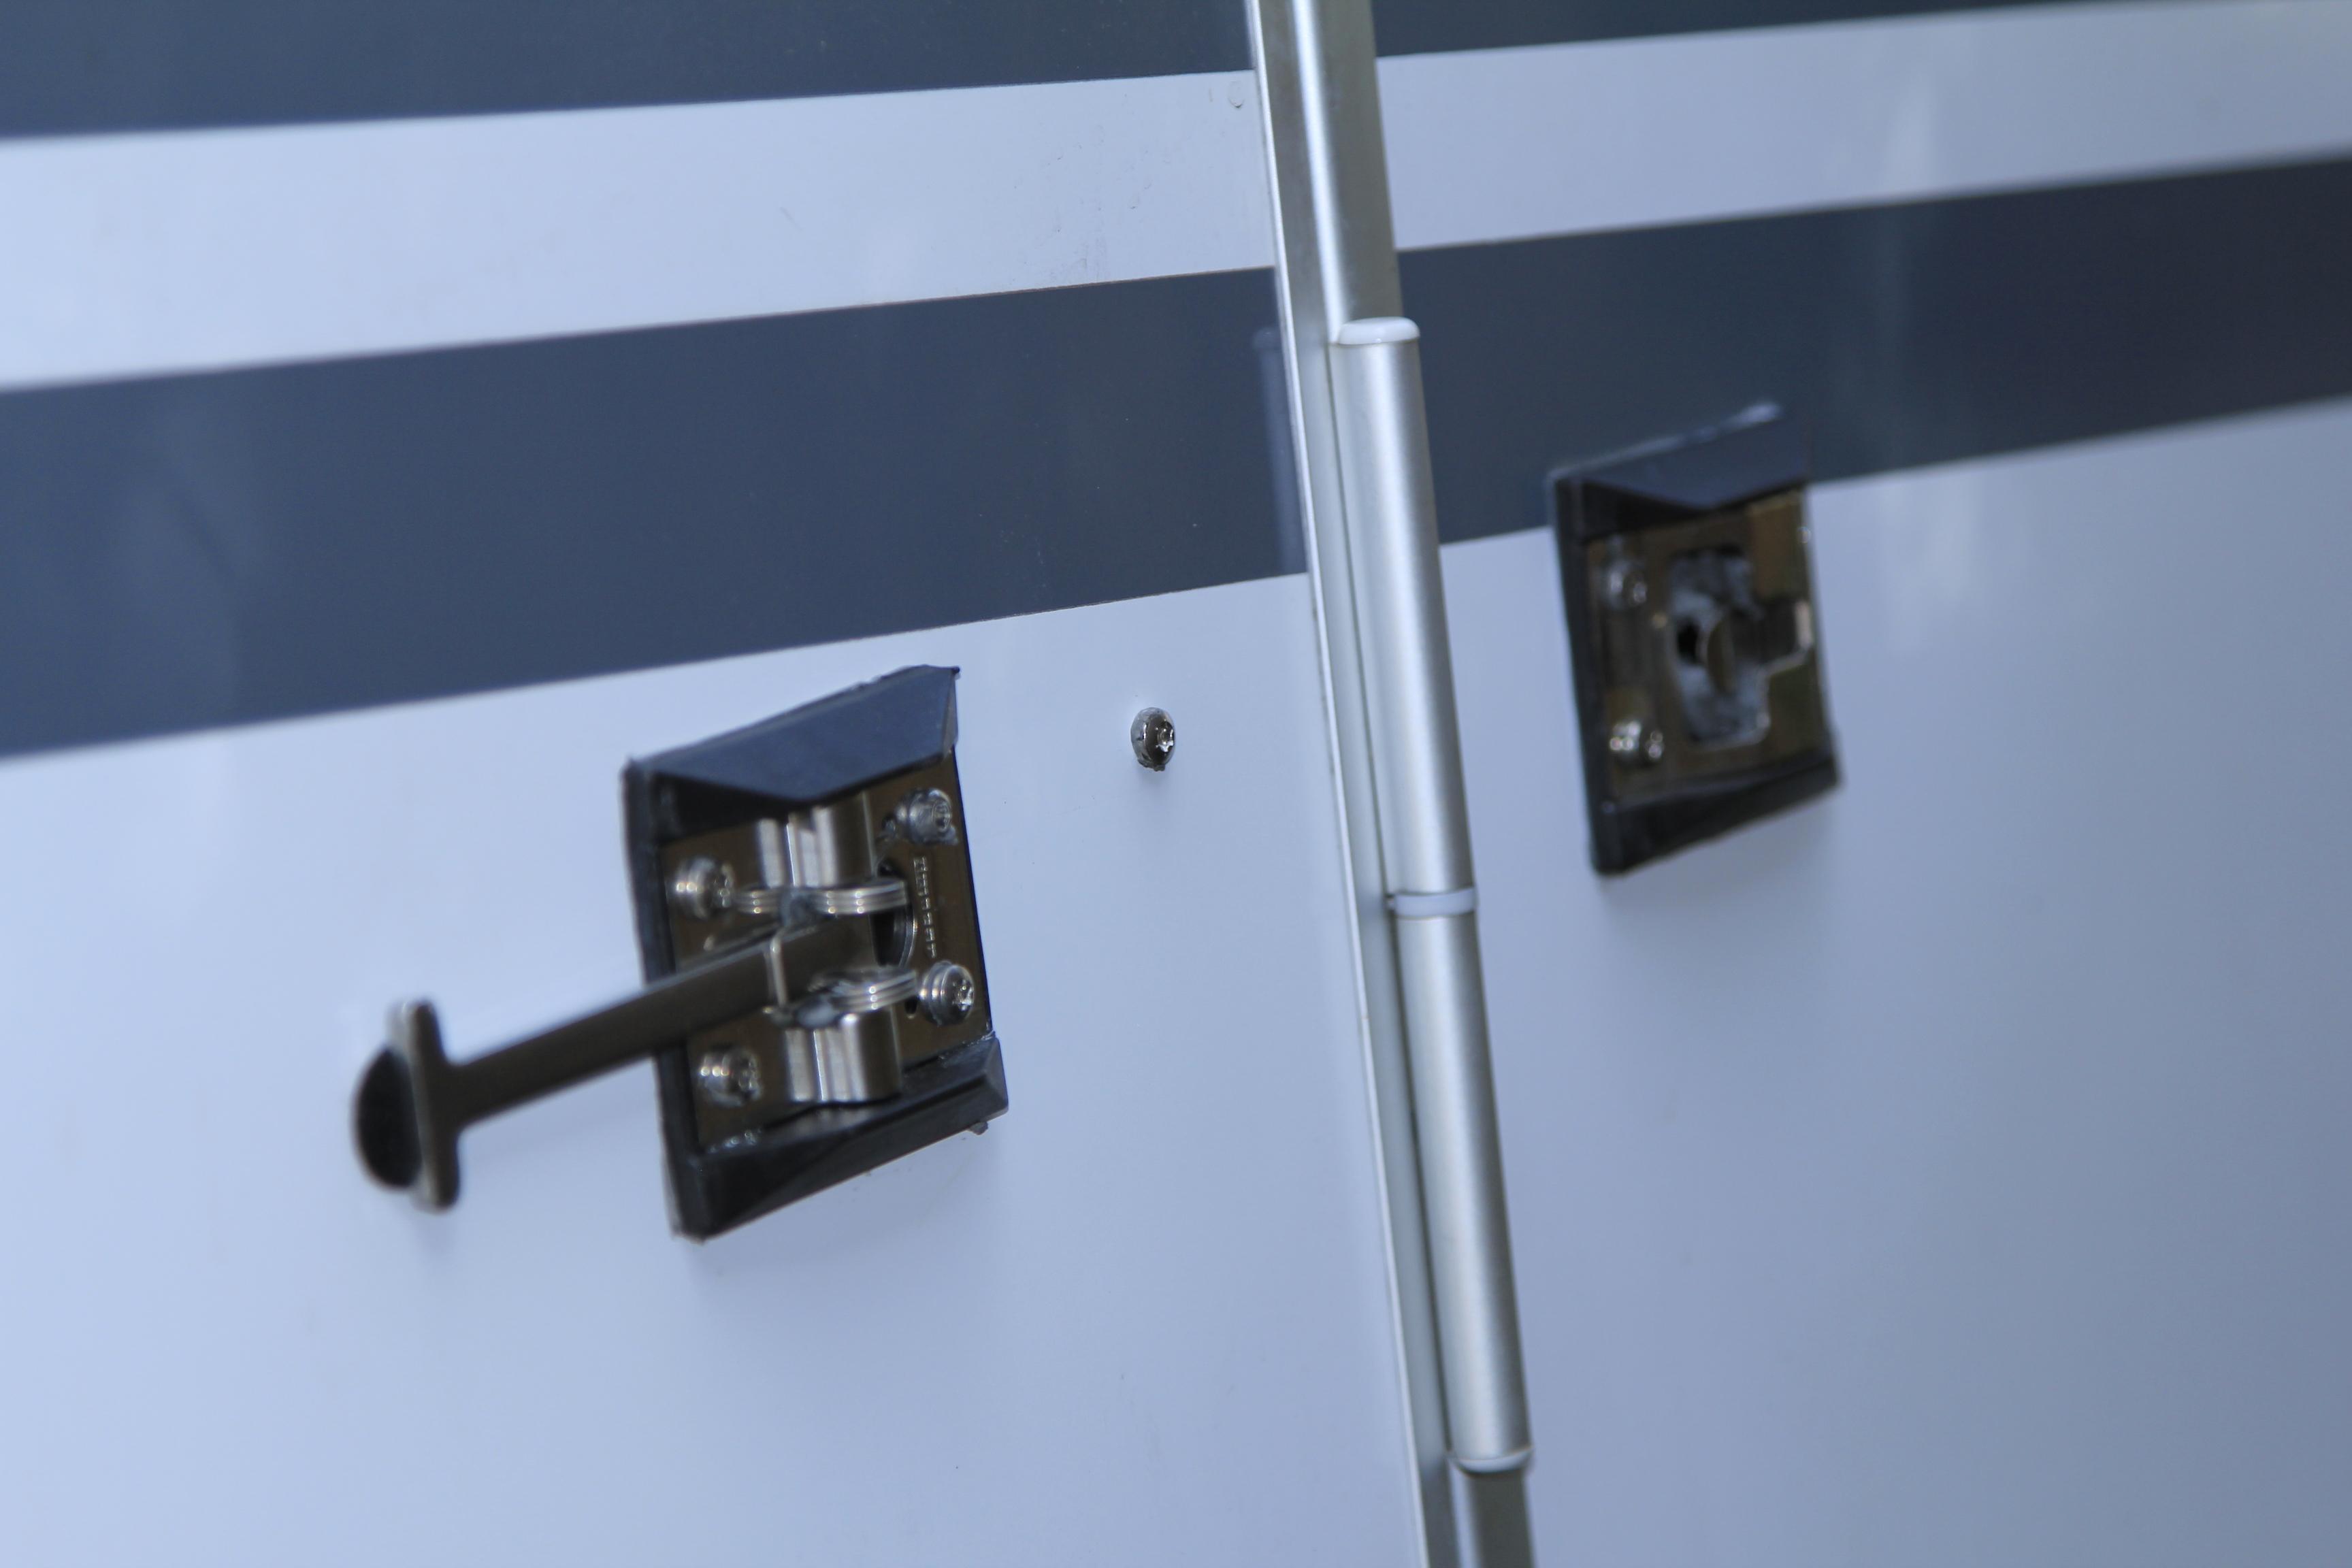 t rfeststeller wohnmobil weinsberg tg 700 lucian 39 s flieger und hobby seite. Black Bedroom Furniture Sets. Home Design Ideas